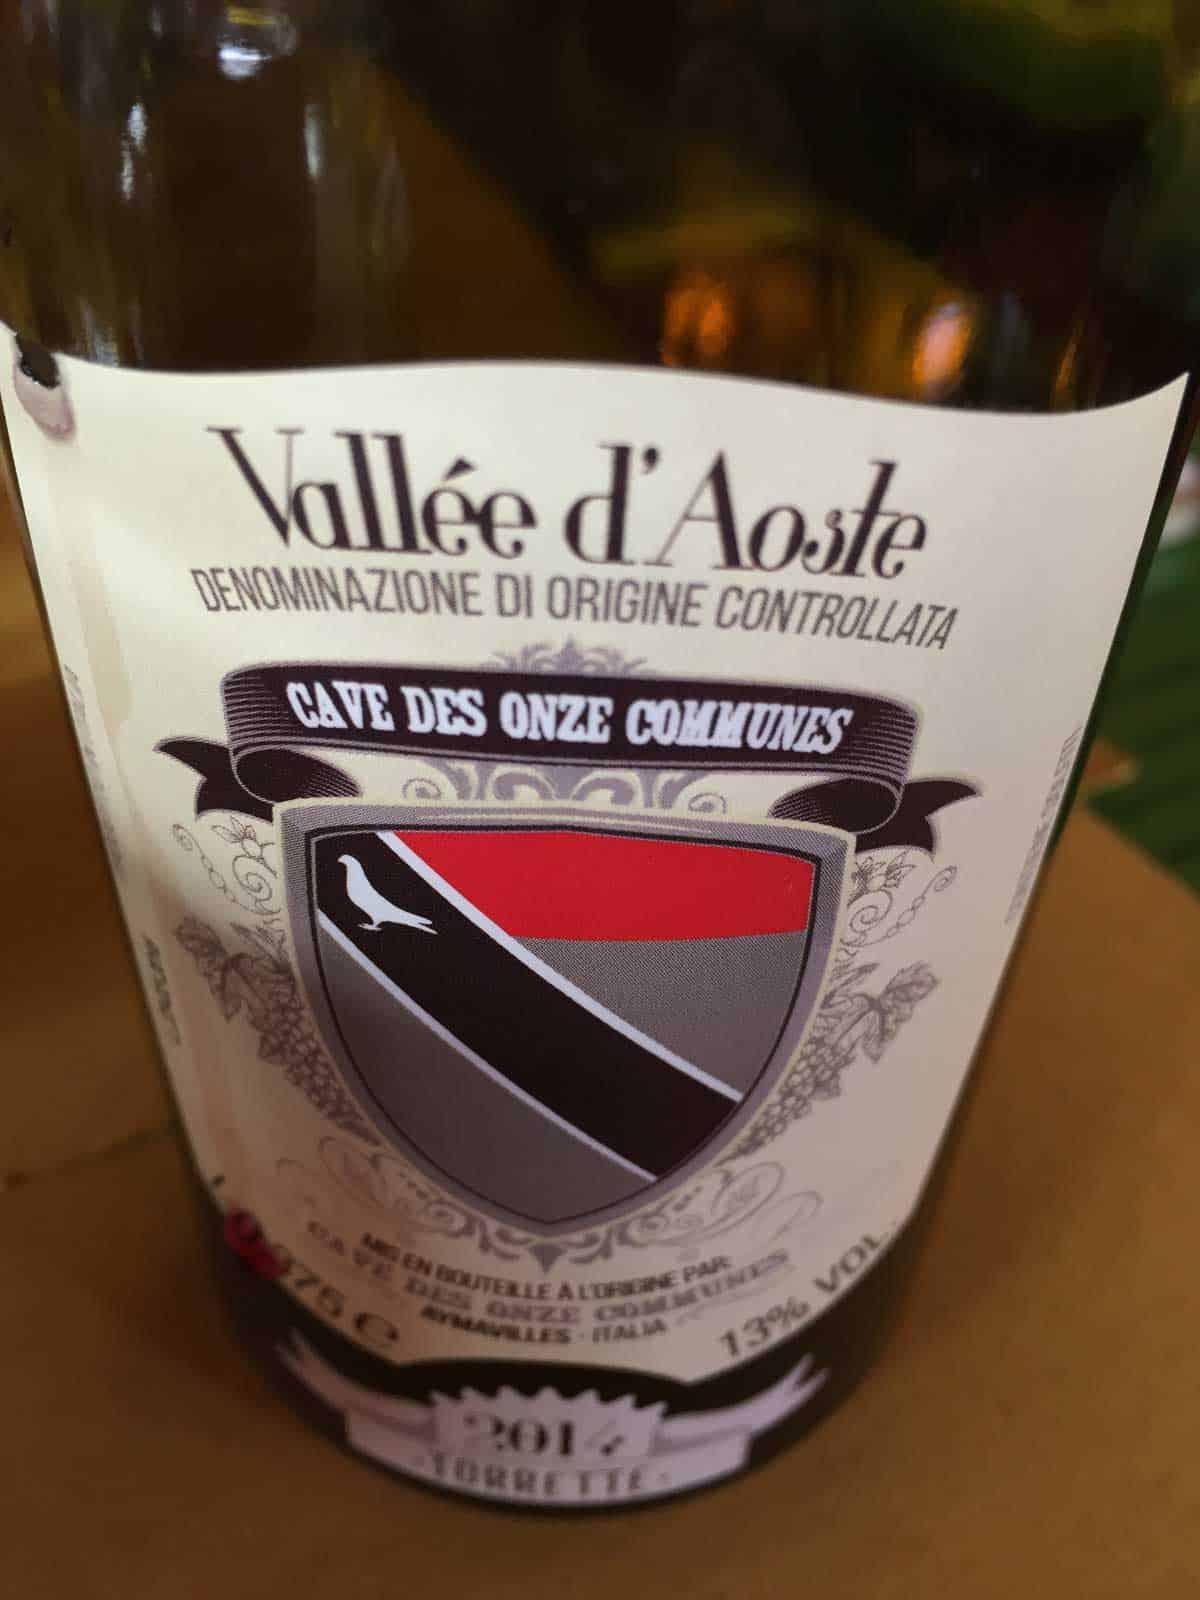 vino valdostano cogne